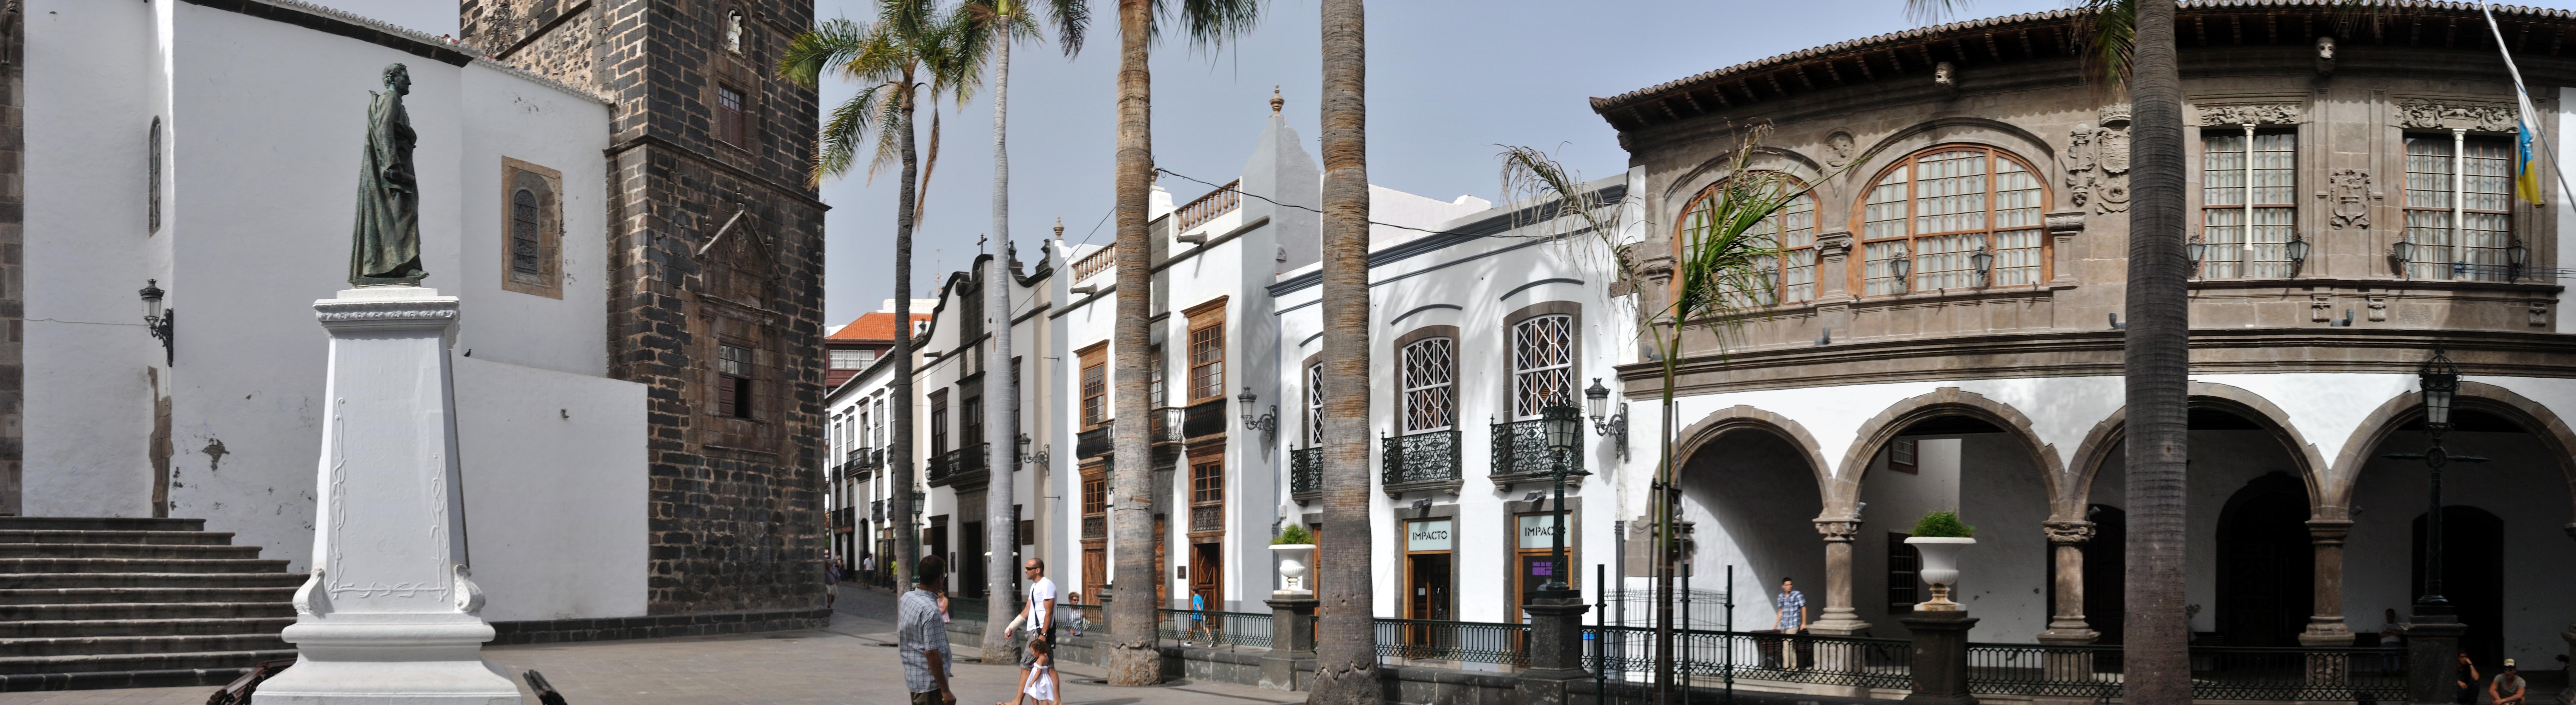 Santa Cruz de La Palma (La Palma)